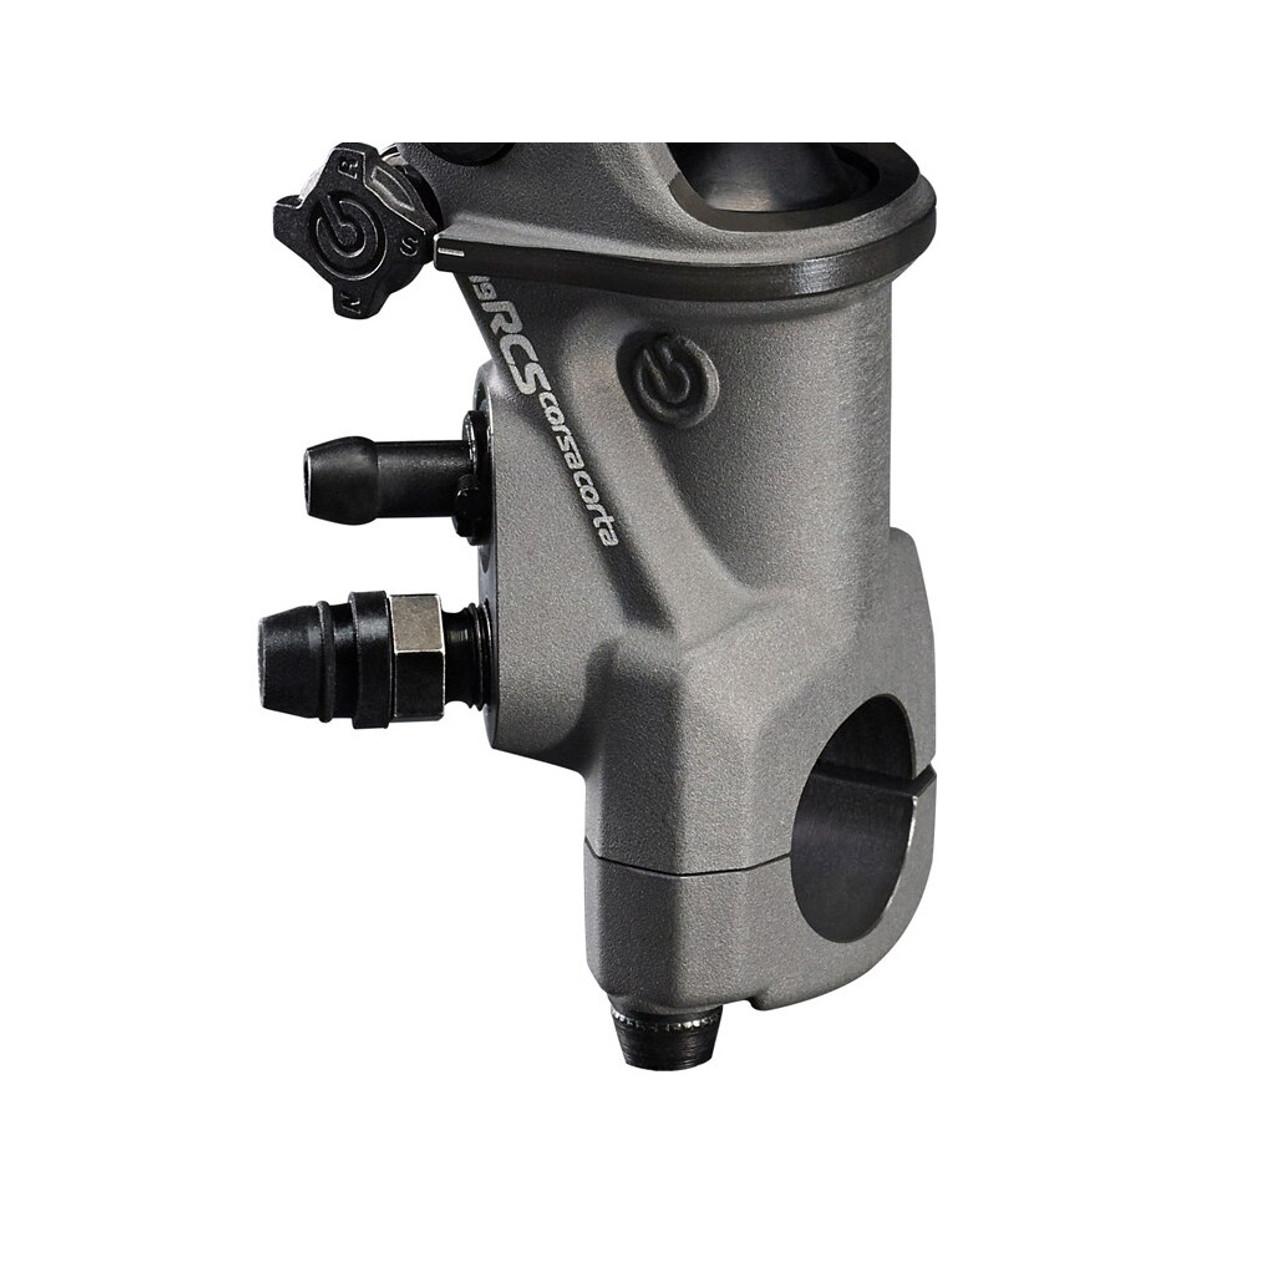 Brembo 17 RCS brake master cylinder side detail